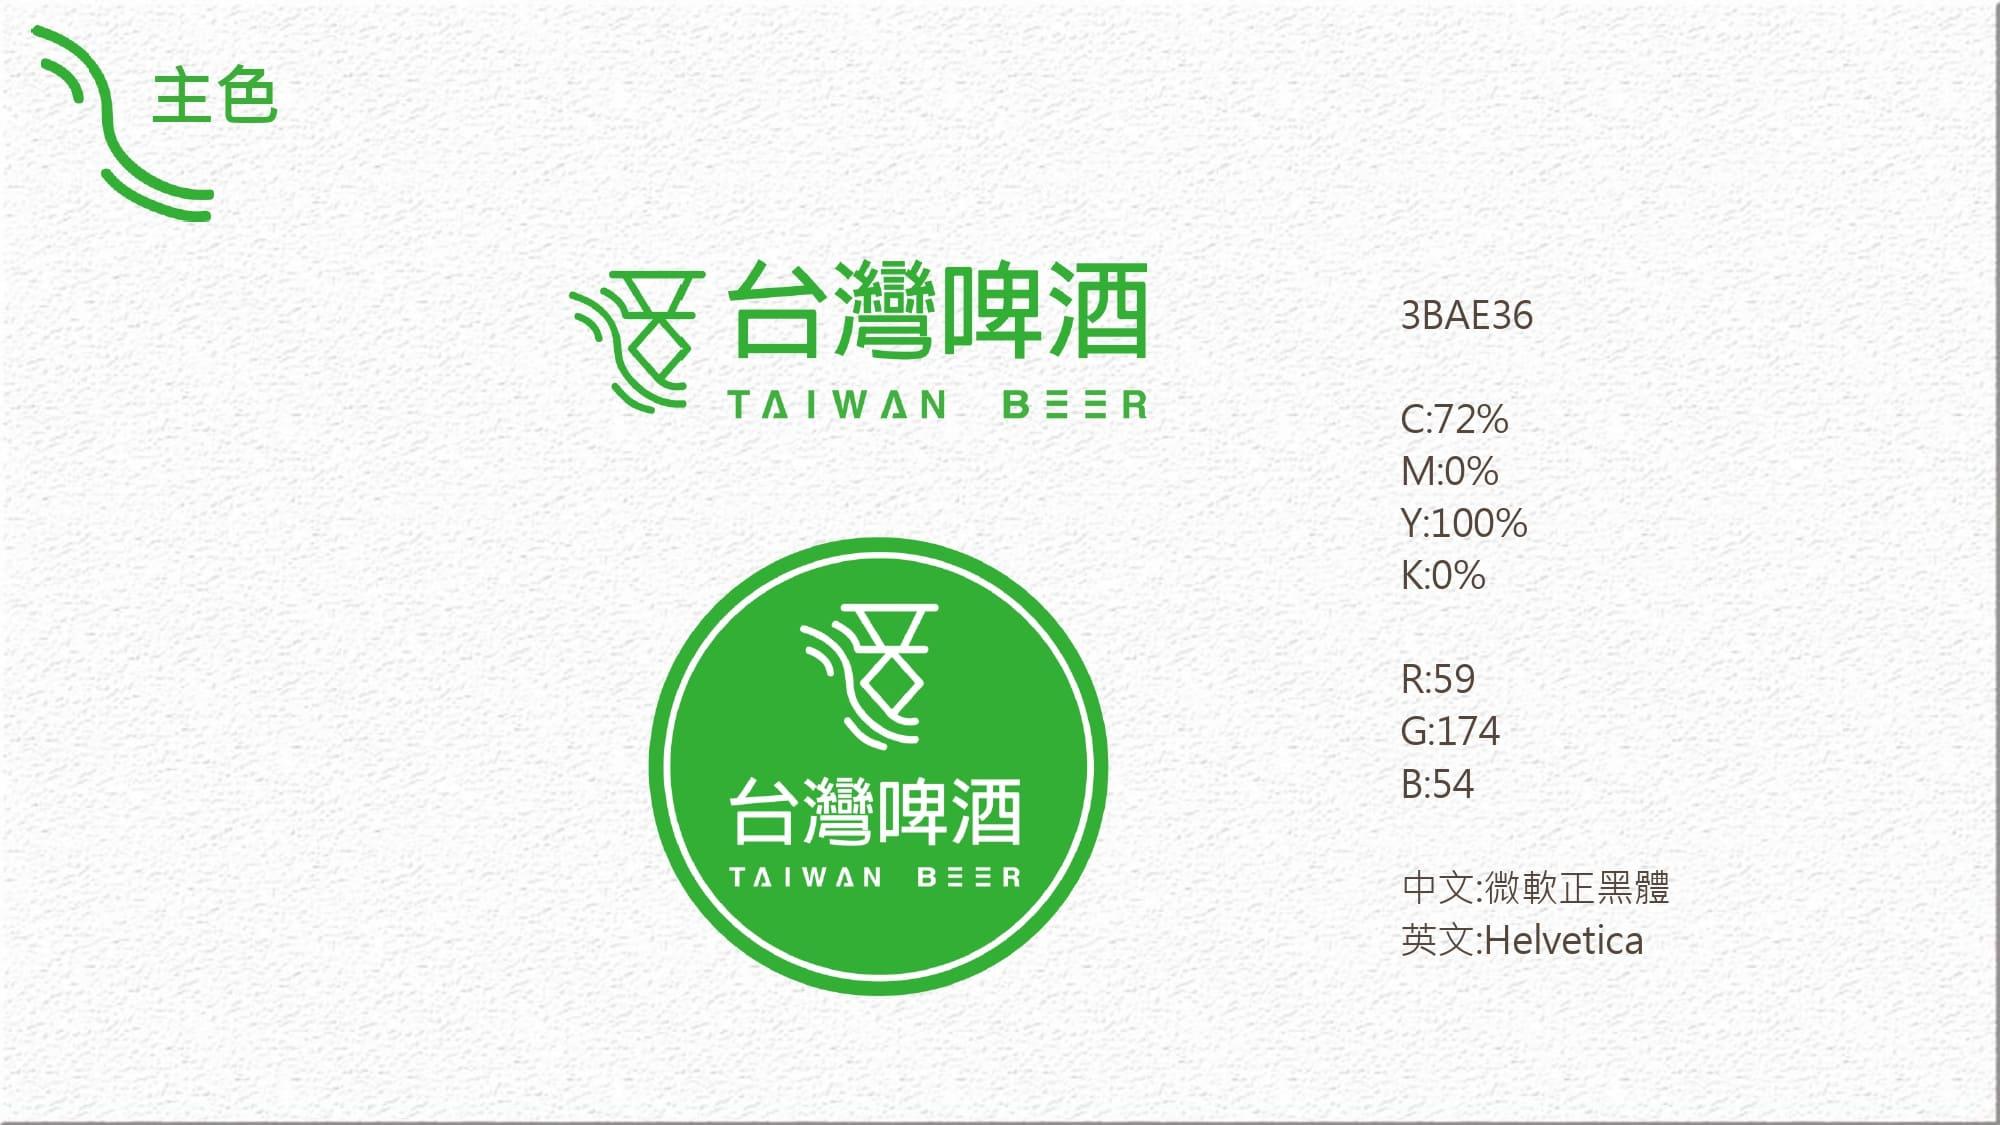 台灣啤酒108.4.23_page-0010